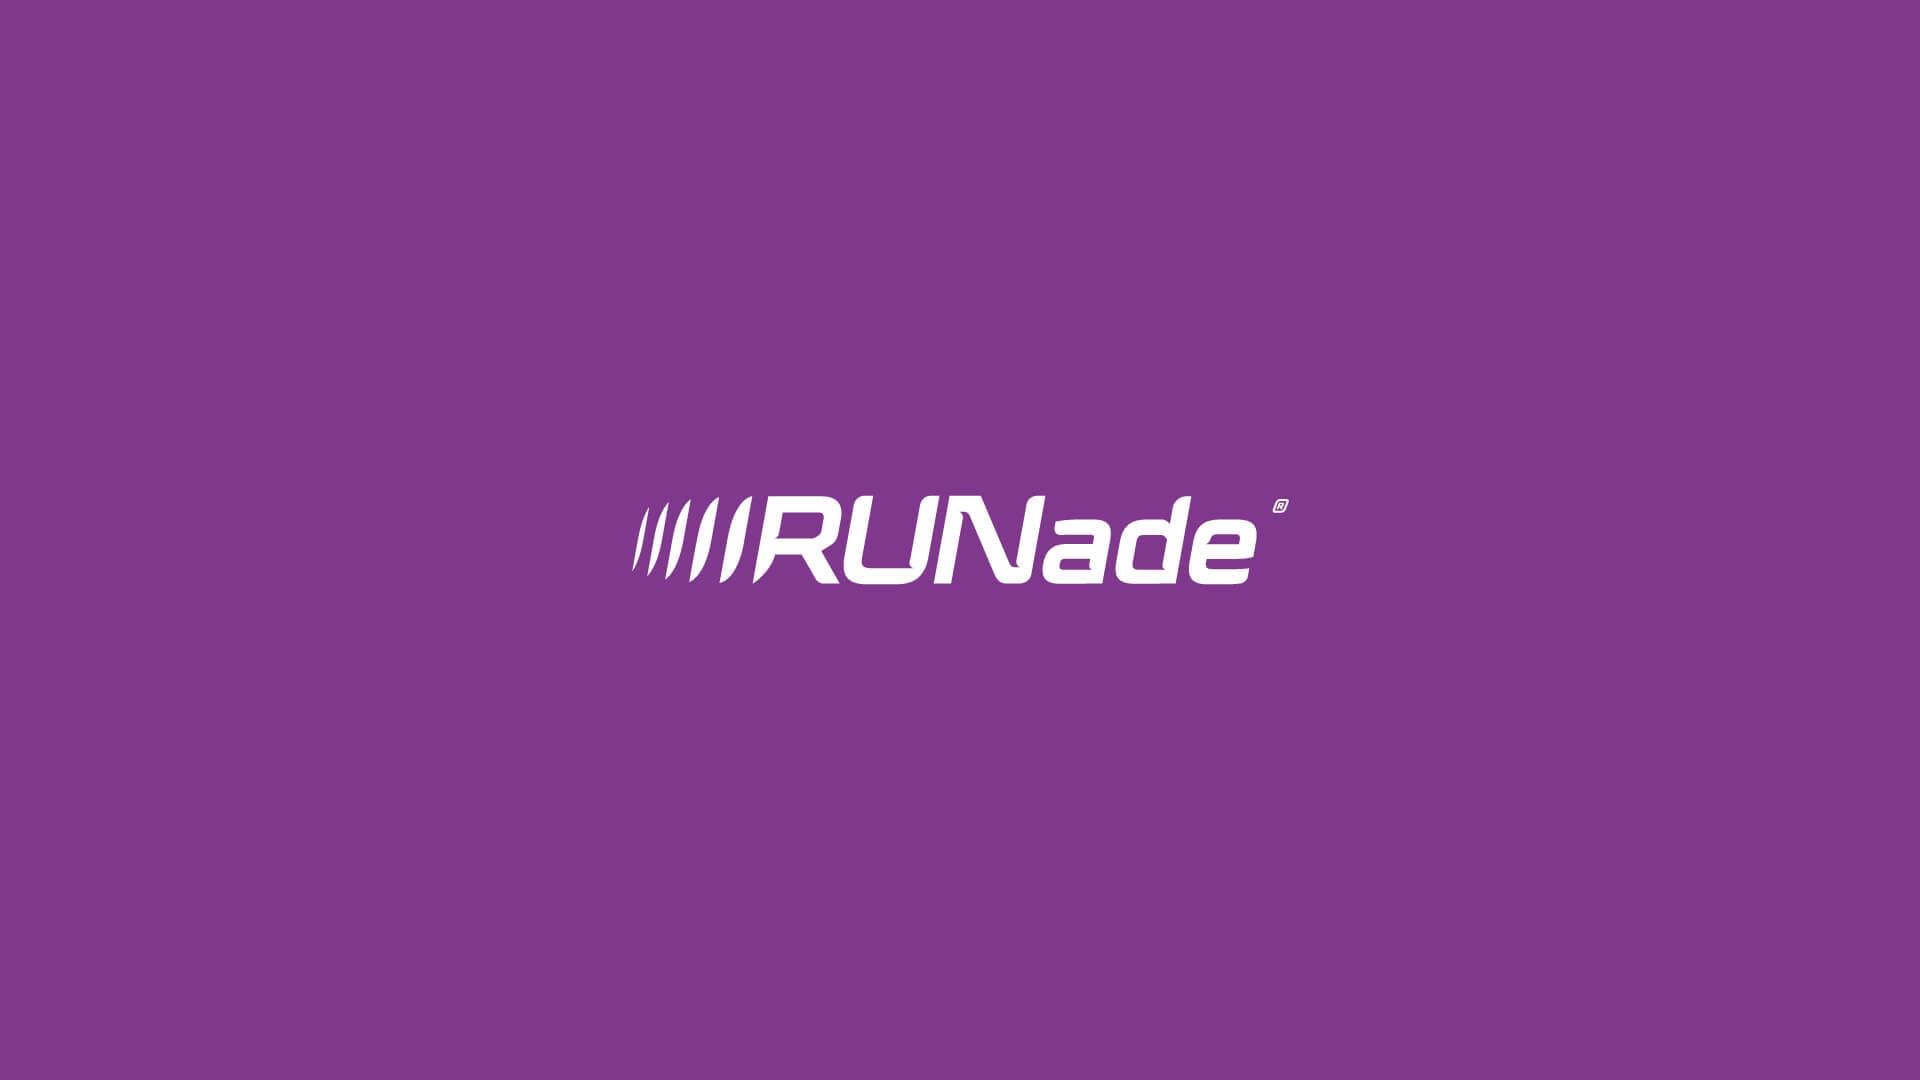 Runade_logo_1